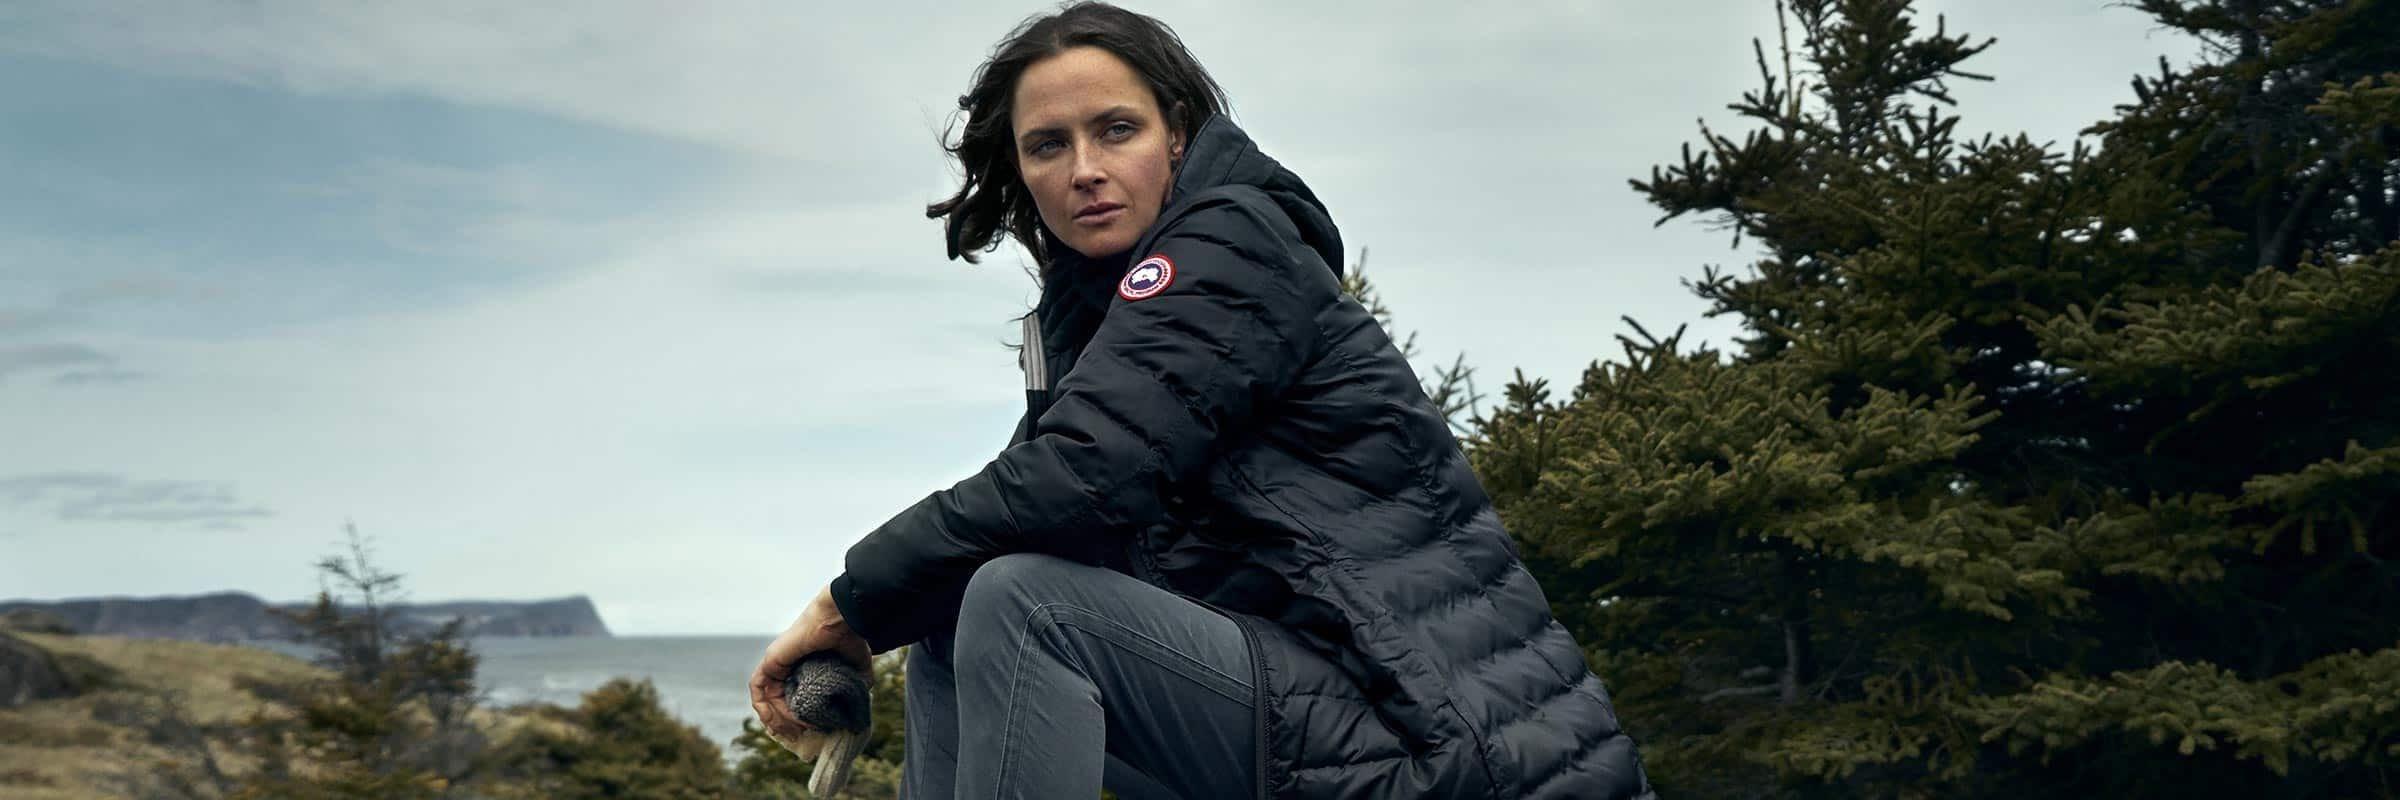 Les meilleurs manteaux de duvet légers de Canada Goose